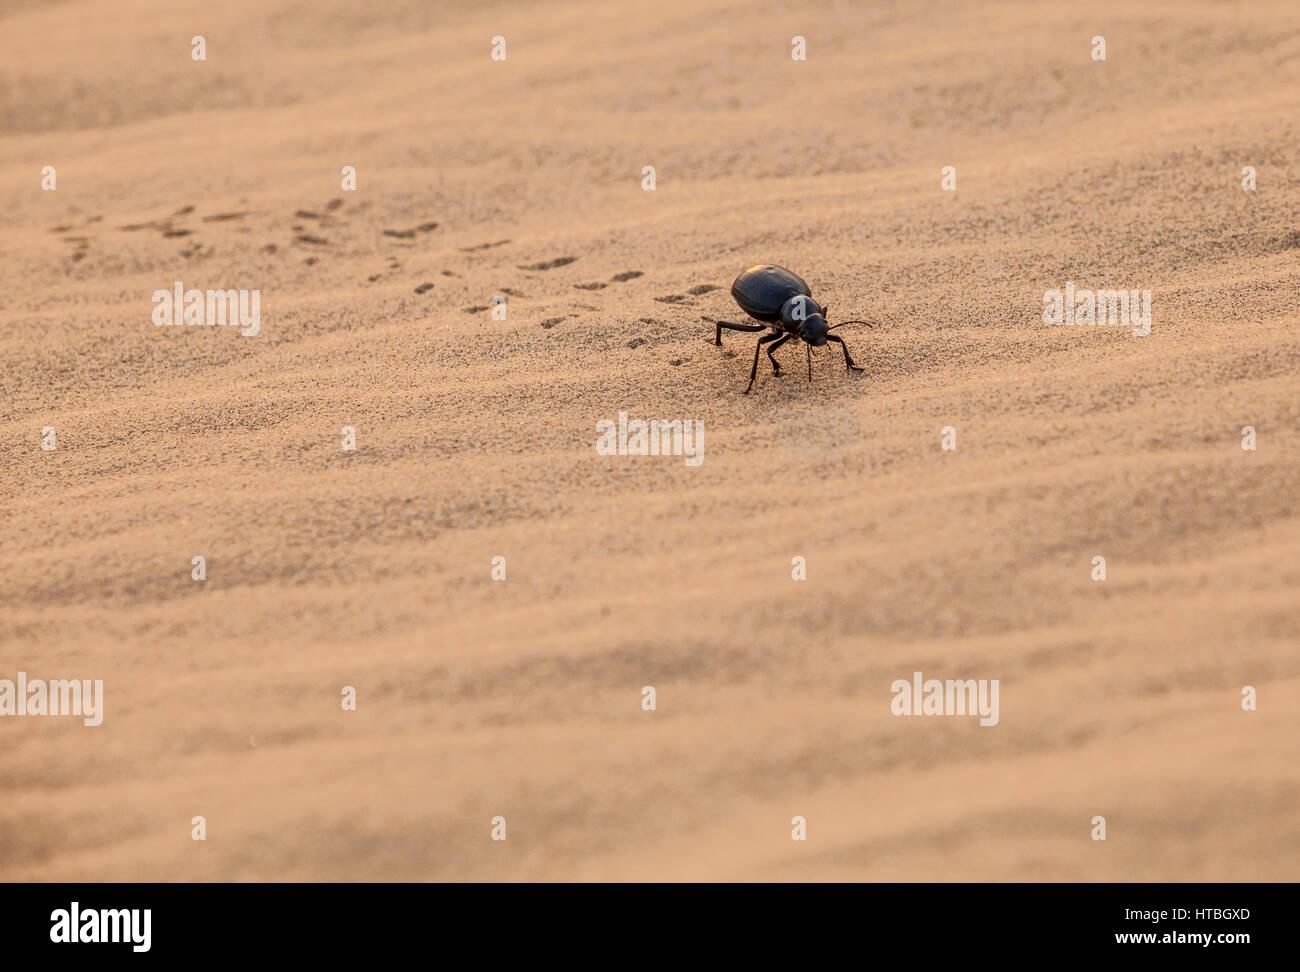 Un coleottero nero strisciare nella sabbia del deserto di Thar, Rajasthan, India. Immagini Stock